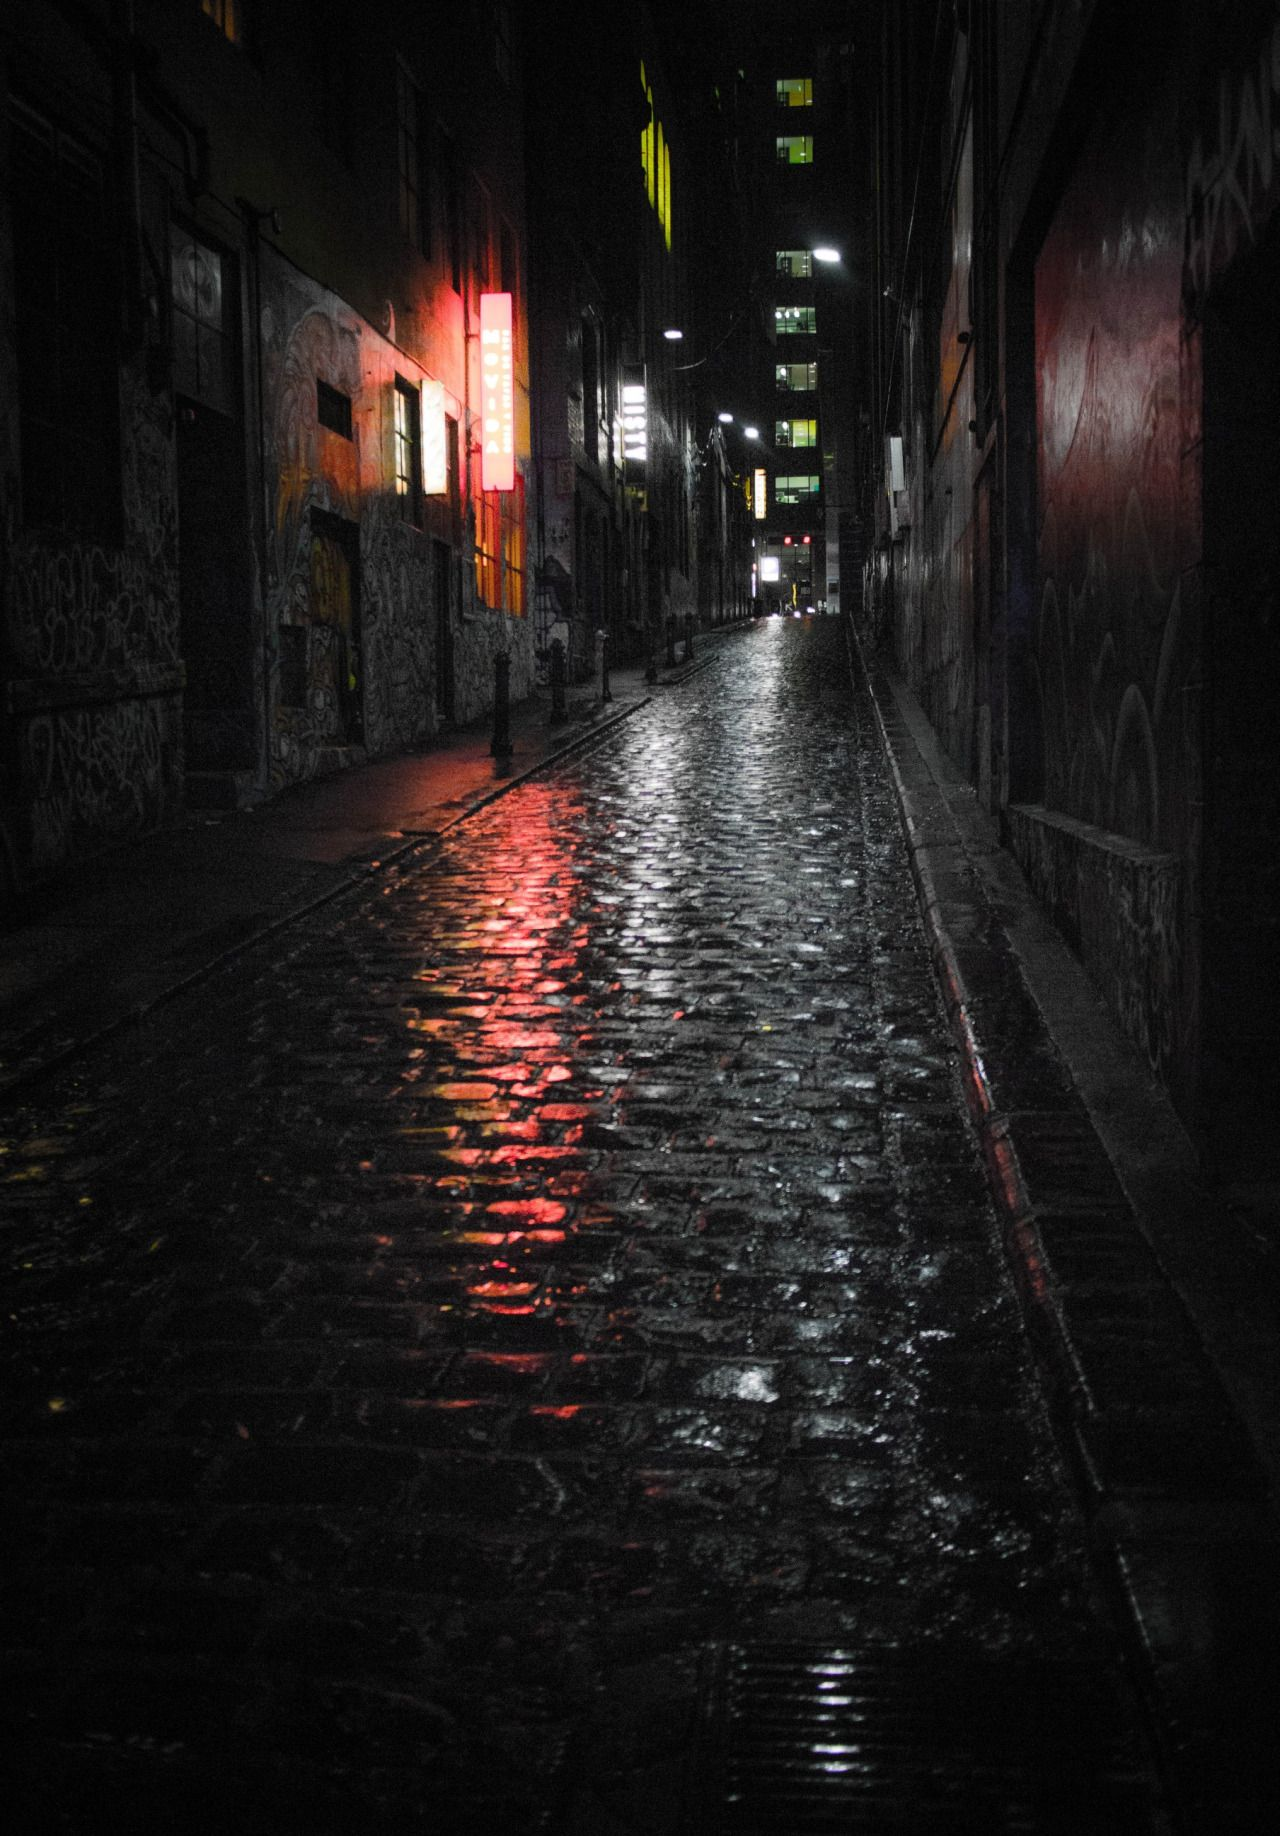 Картинки темной улицы с дождем